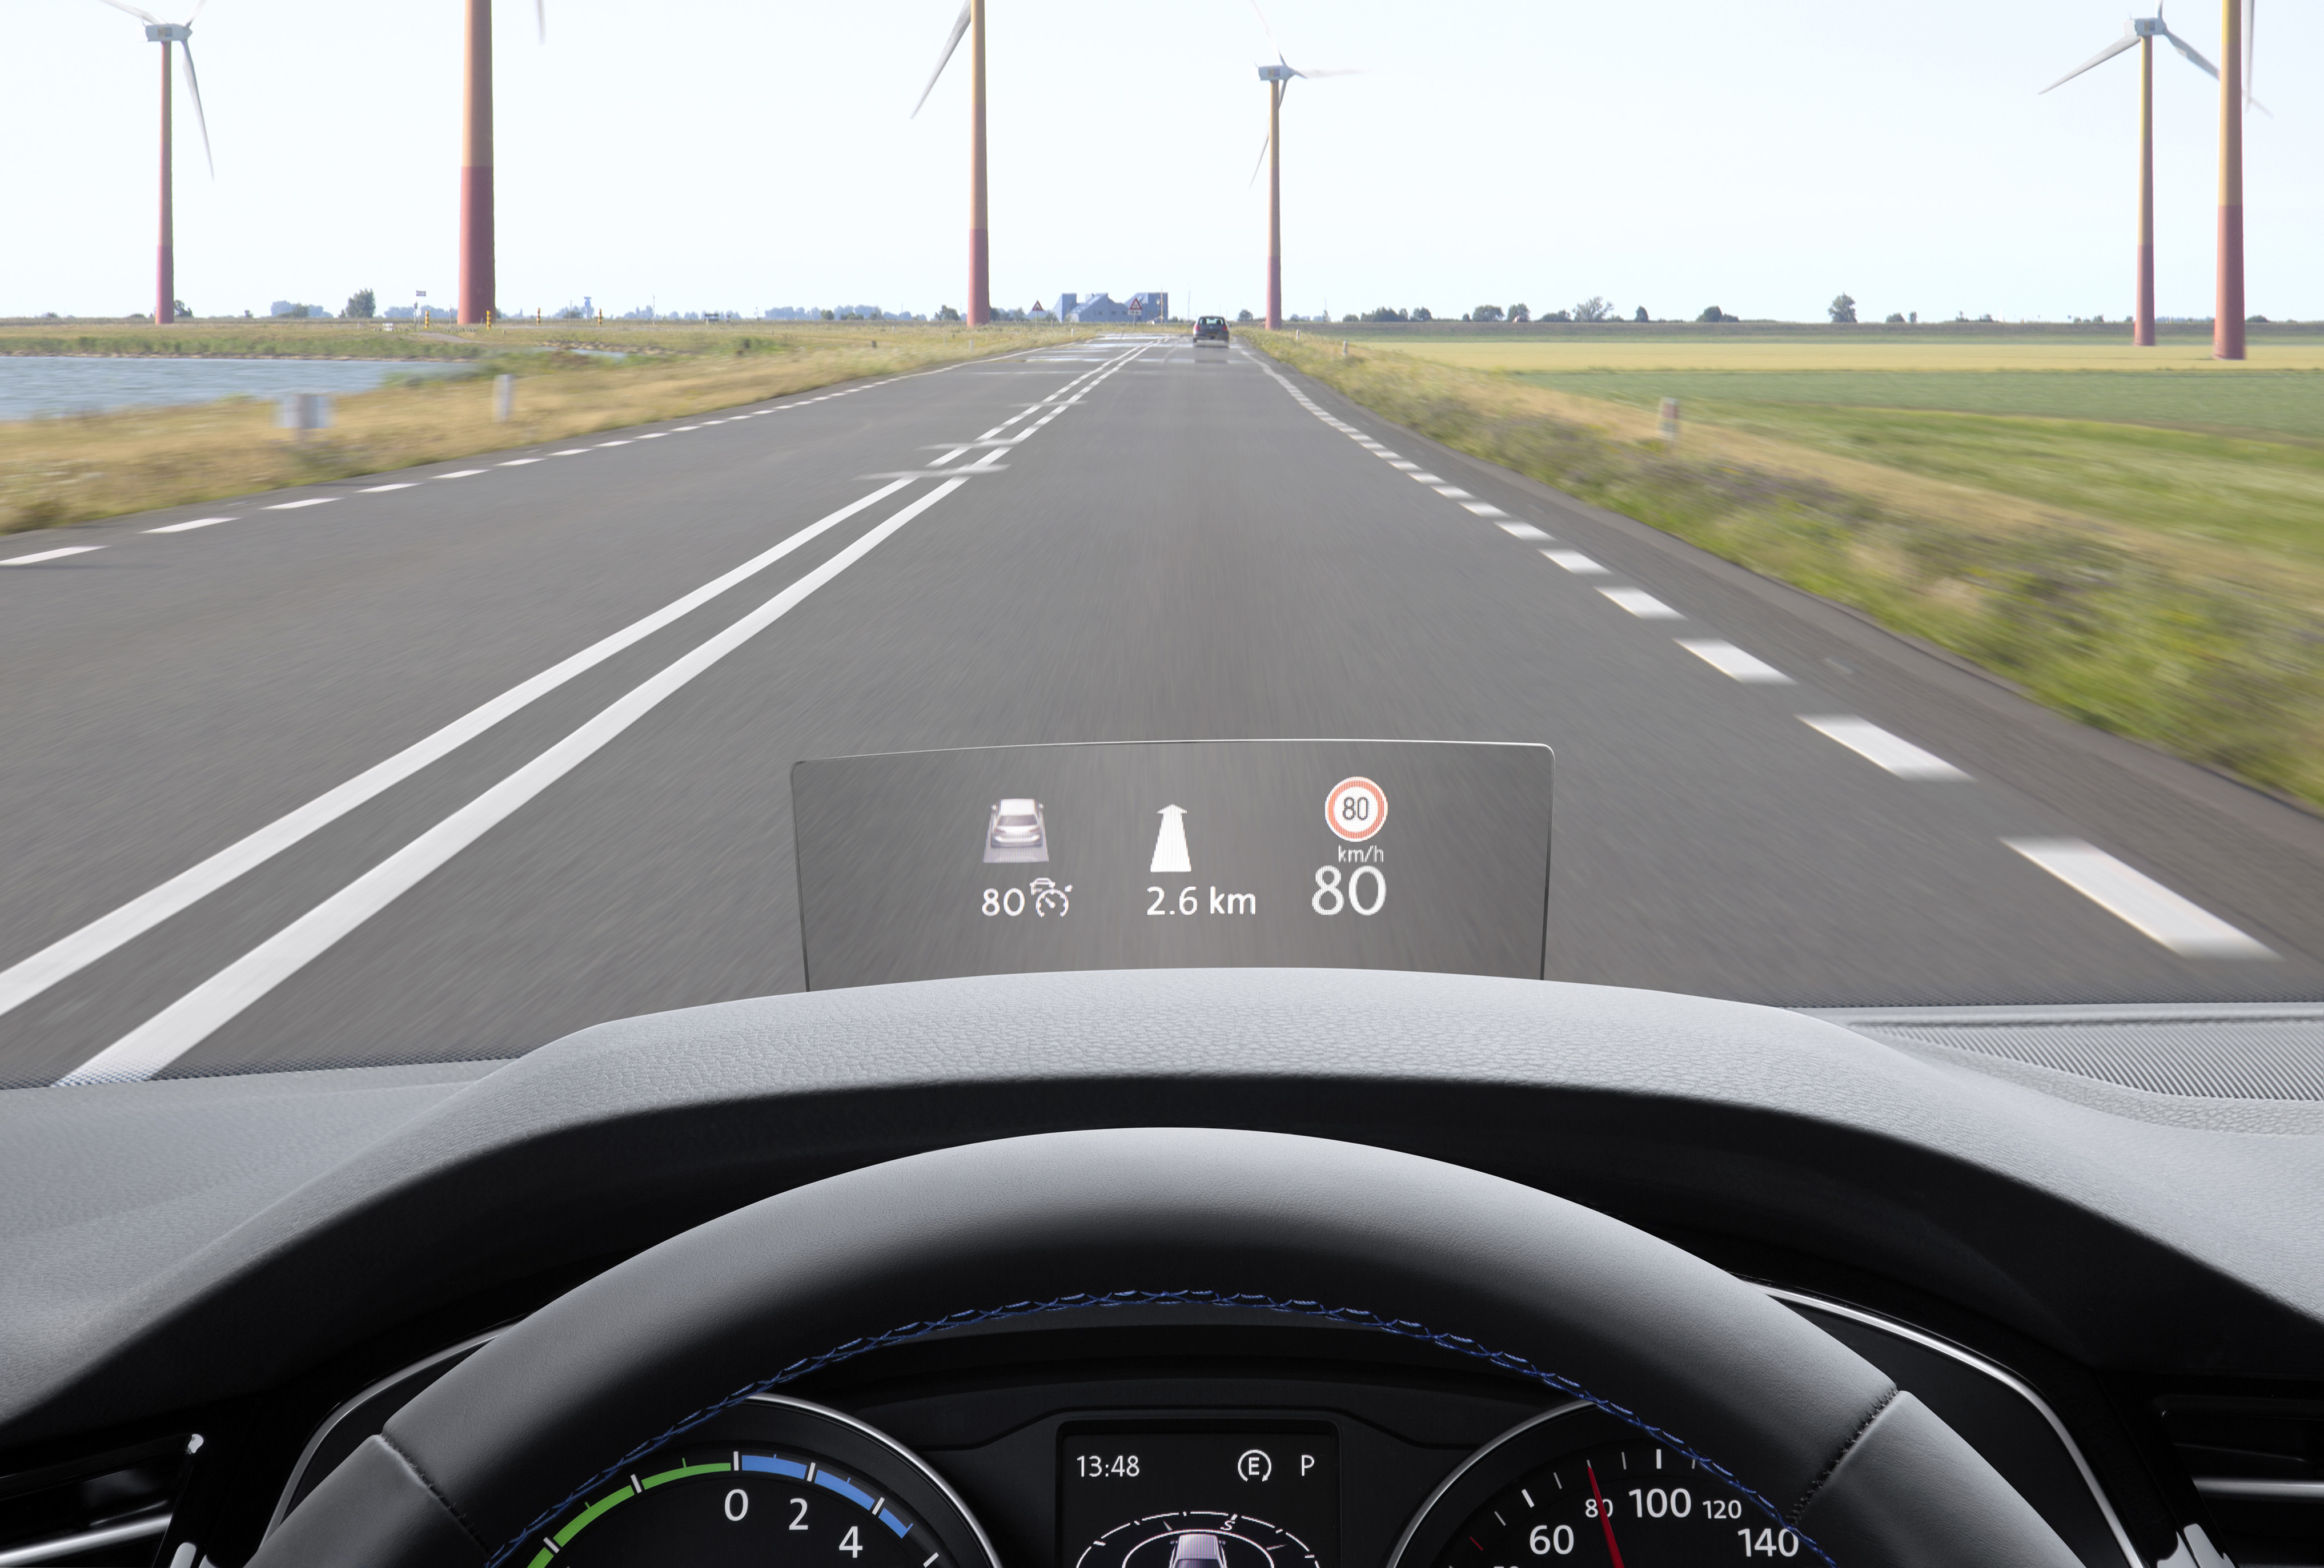 Nový Passat dostane inovativní průhledový displej